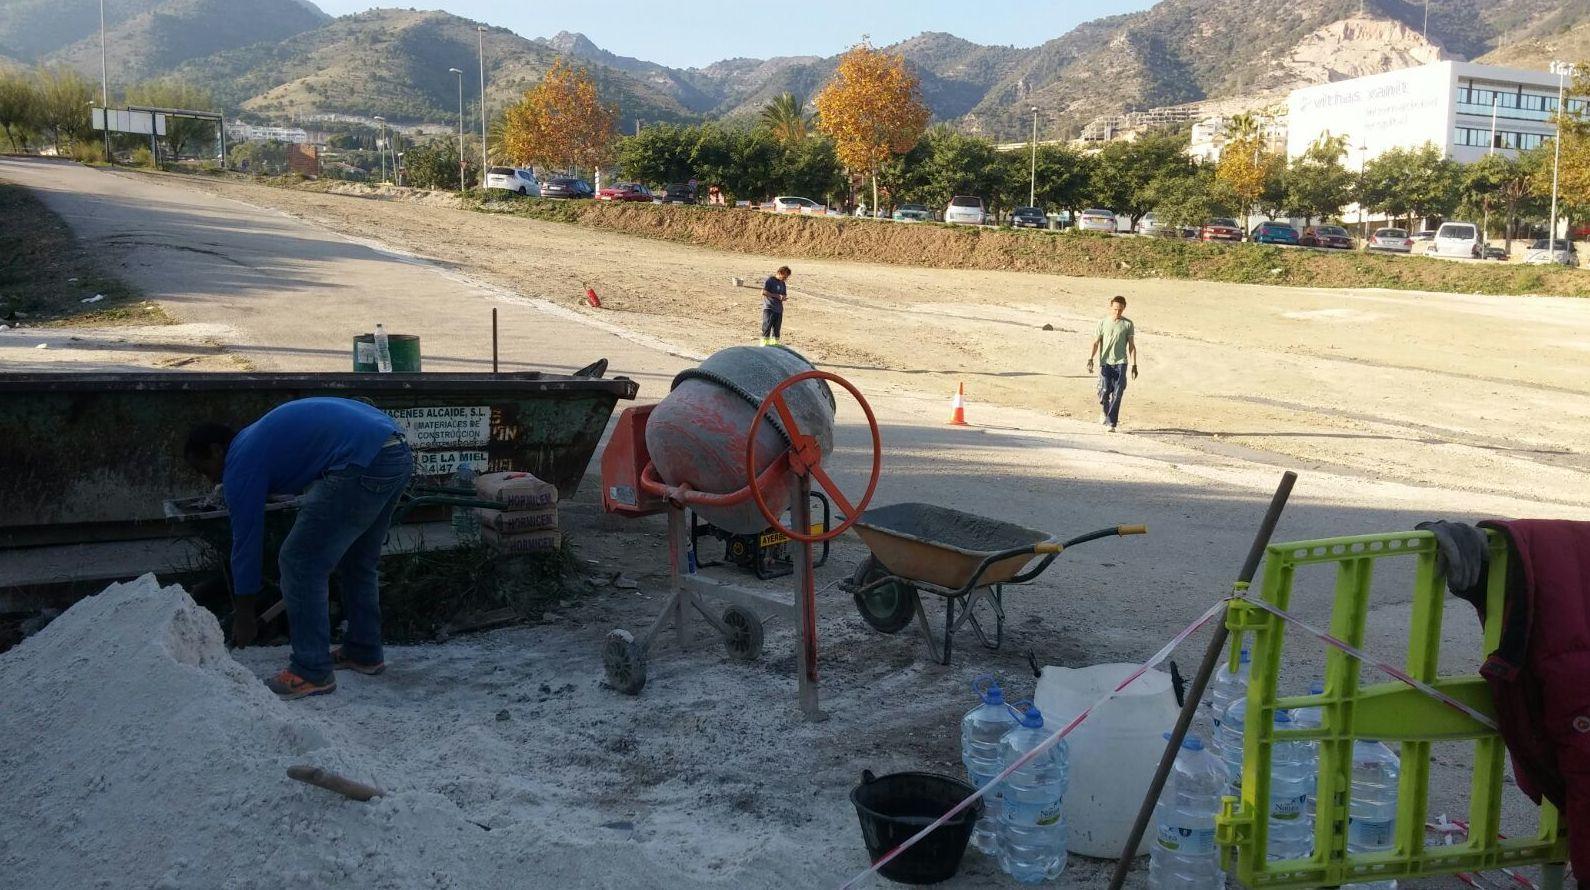 Arreglos solar del Xanit, en Benalmadena